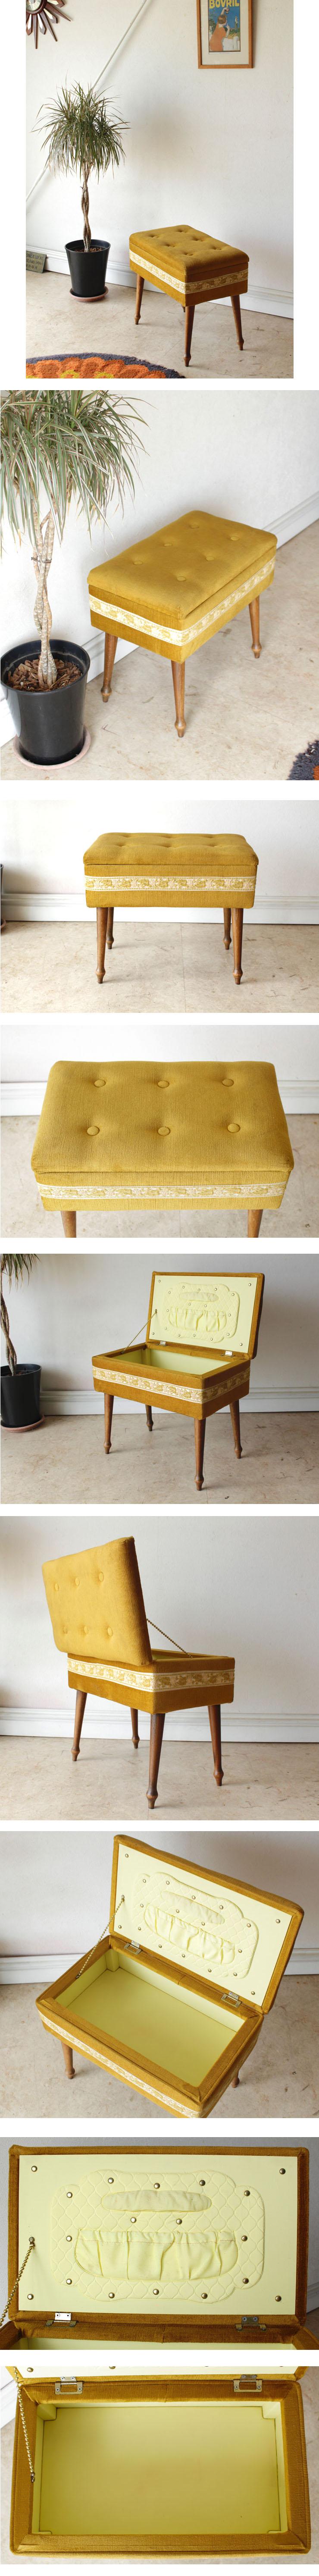 スツール・イギリス製・アンティーク・ビンテージ・椅子・シェアボーン